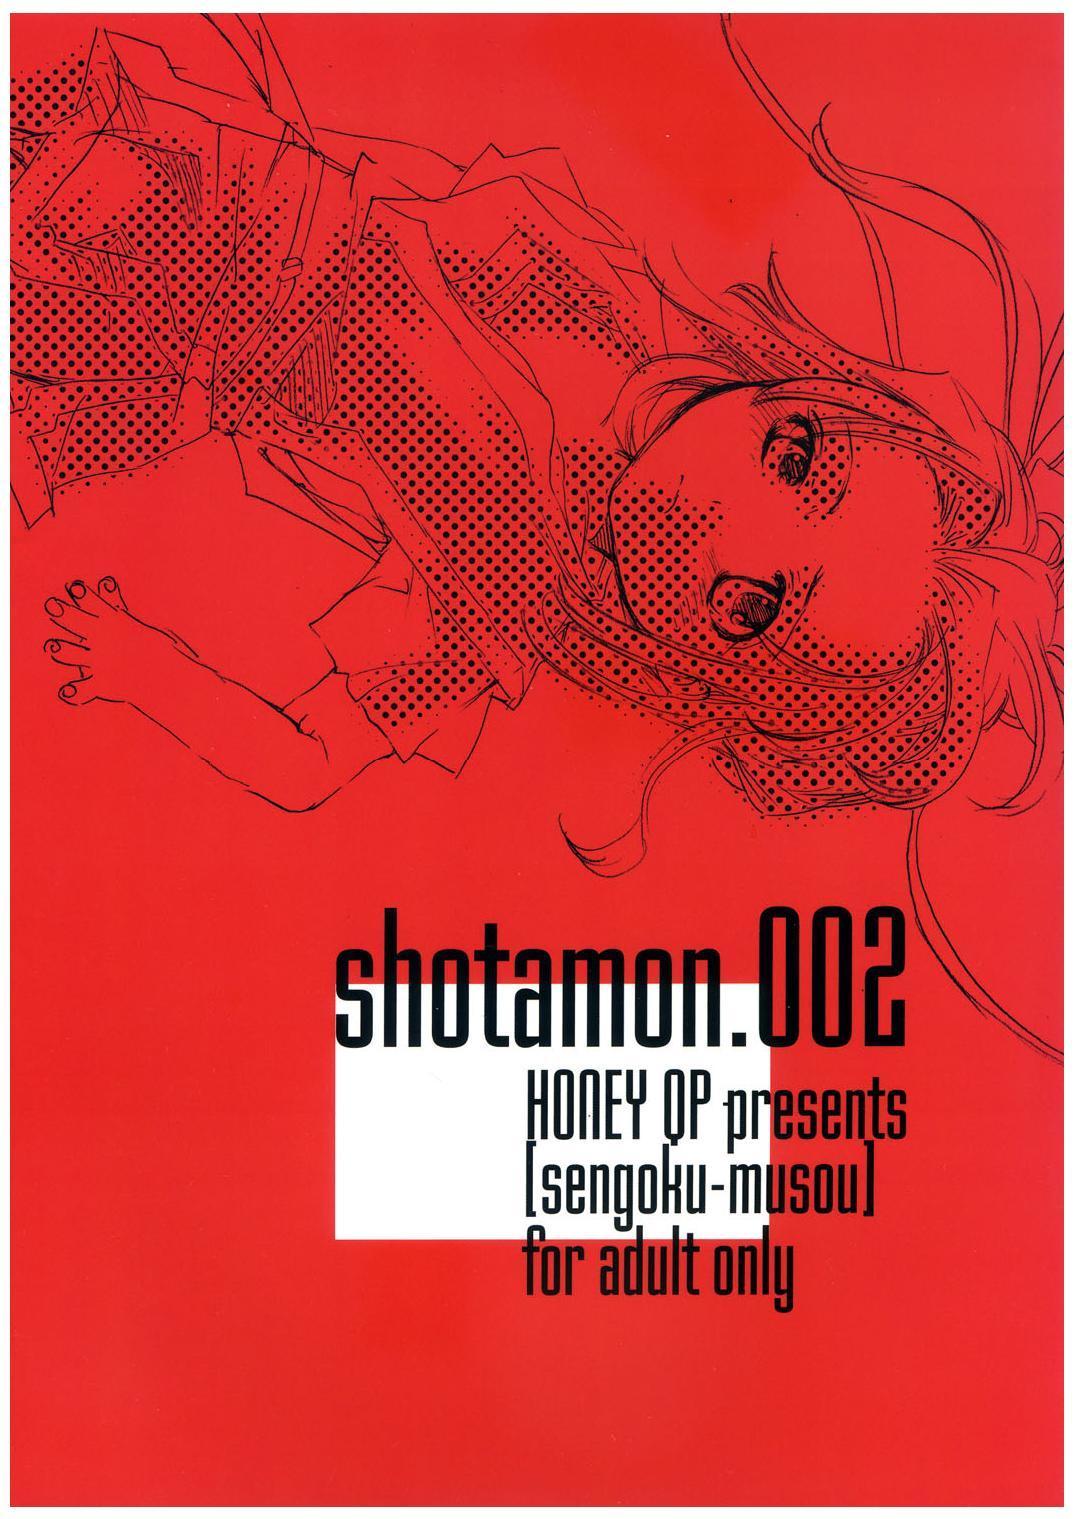 Shotamon Vol. 2 27